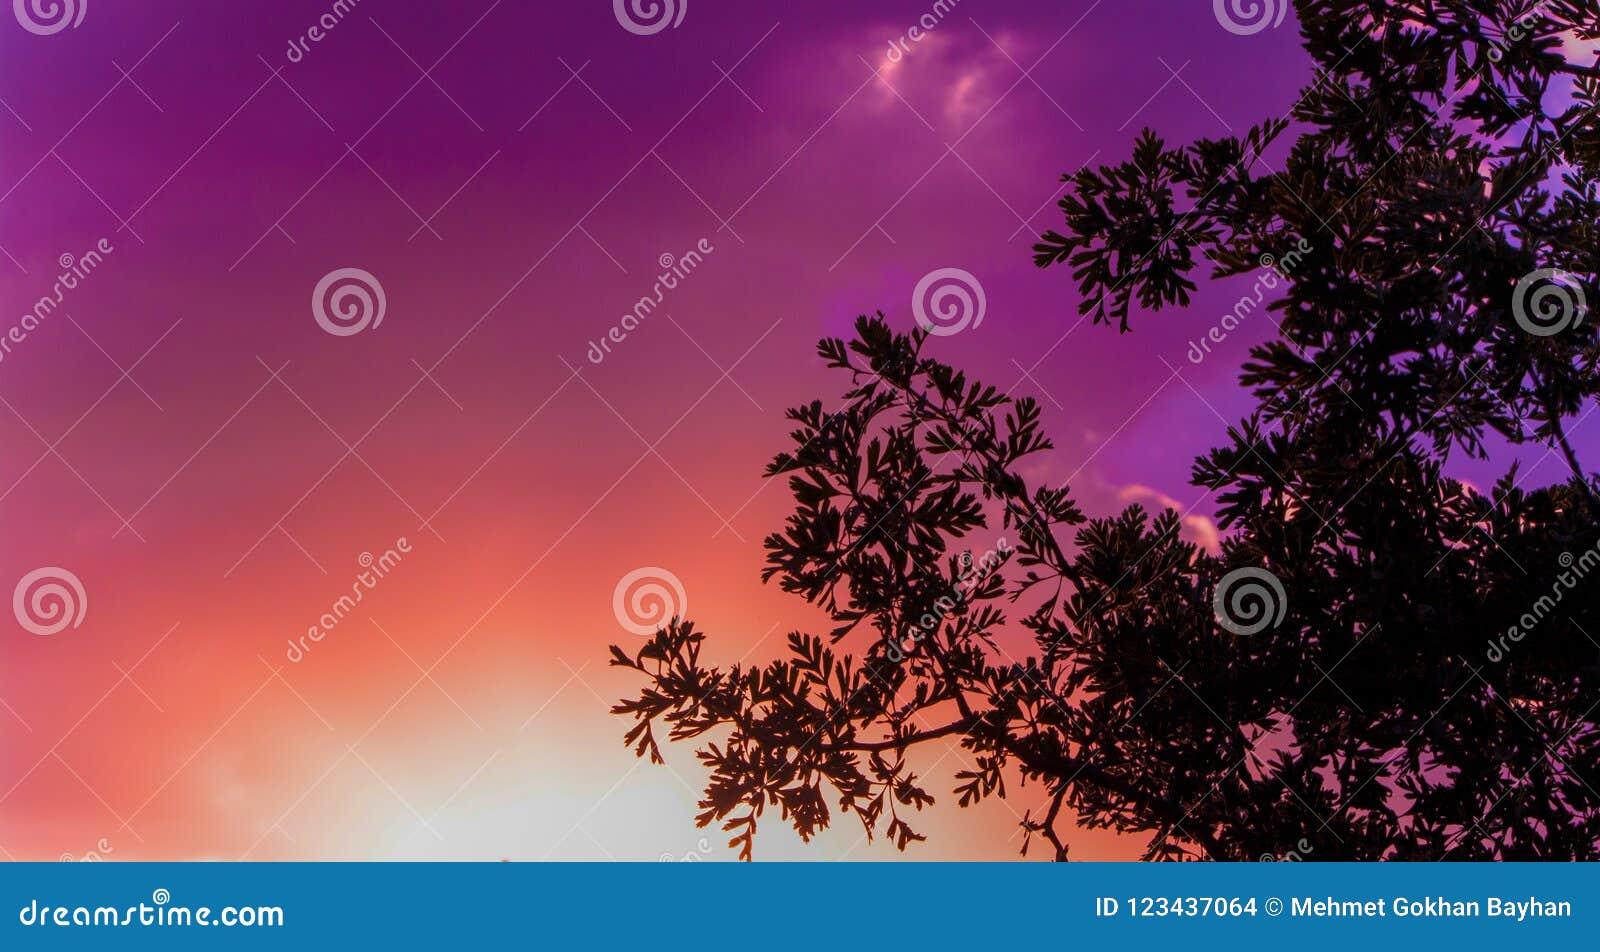 Ζωηρόχρωμοι ουρανός και σύννεφα ηλιοβασιλέματος με τη σκιαγραφία ενός δέντρου